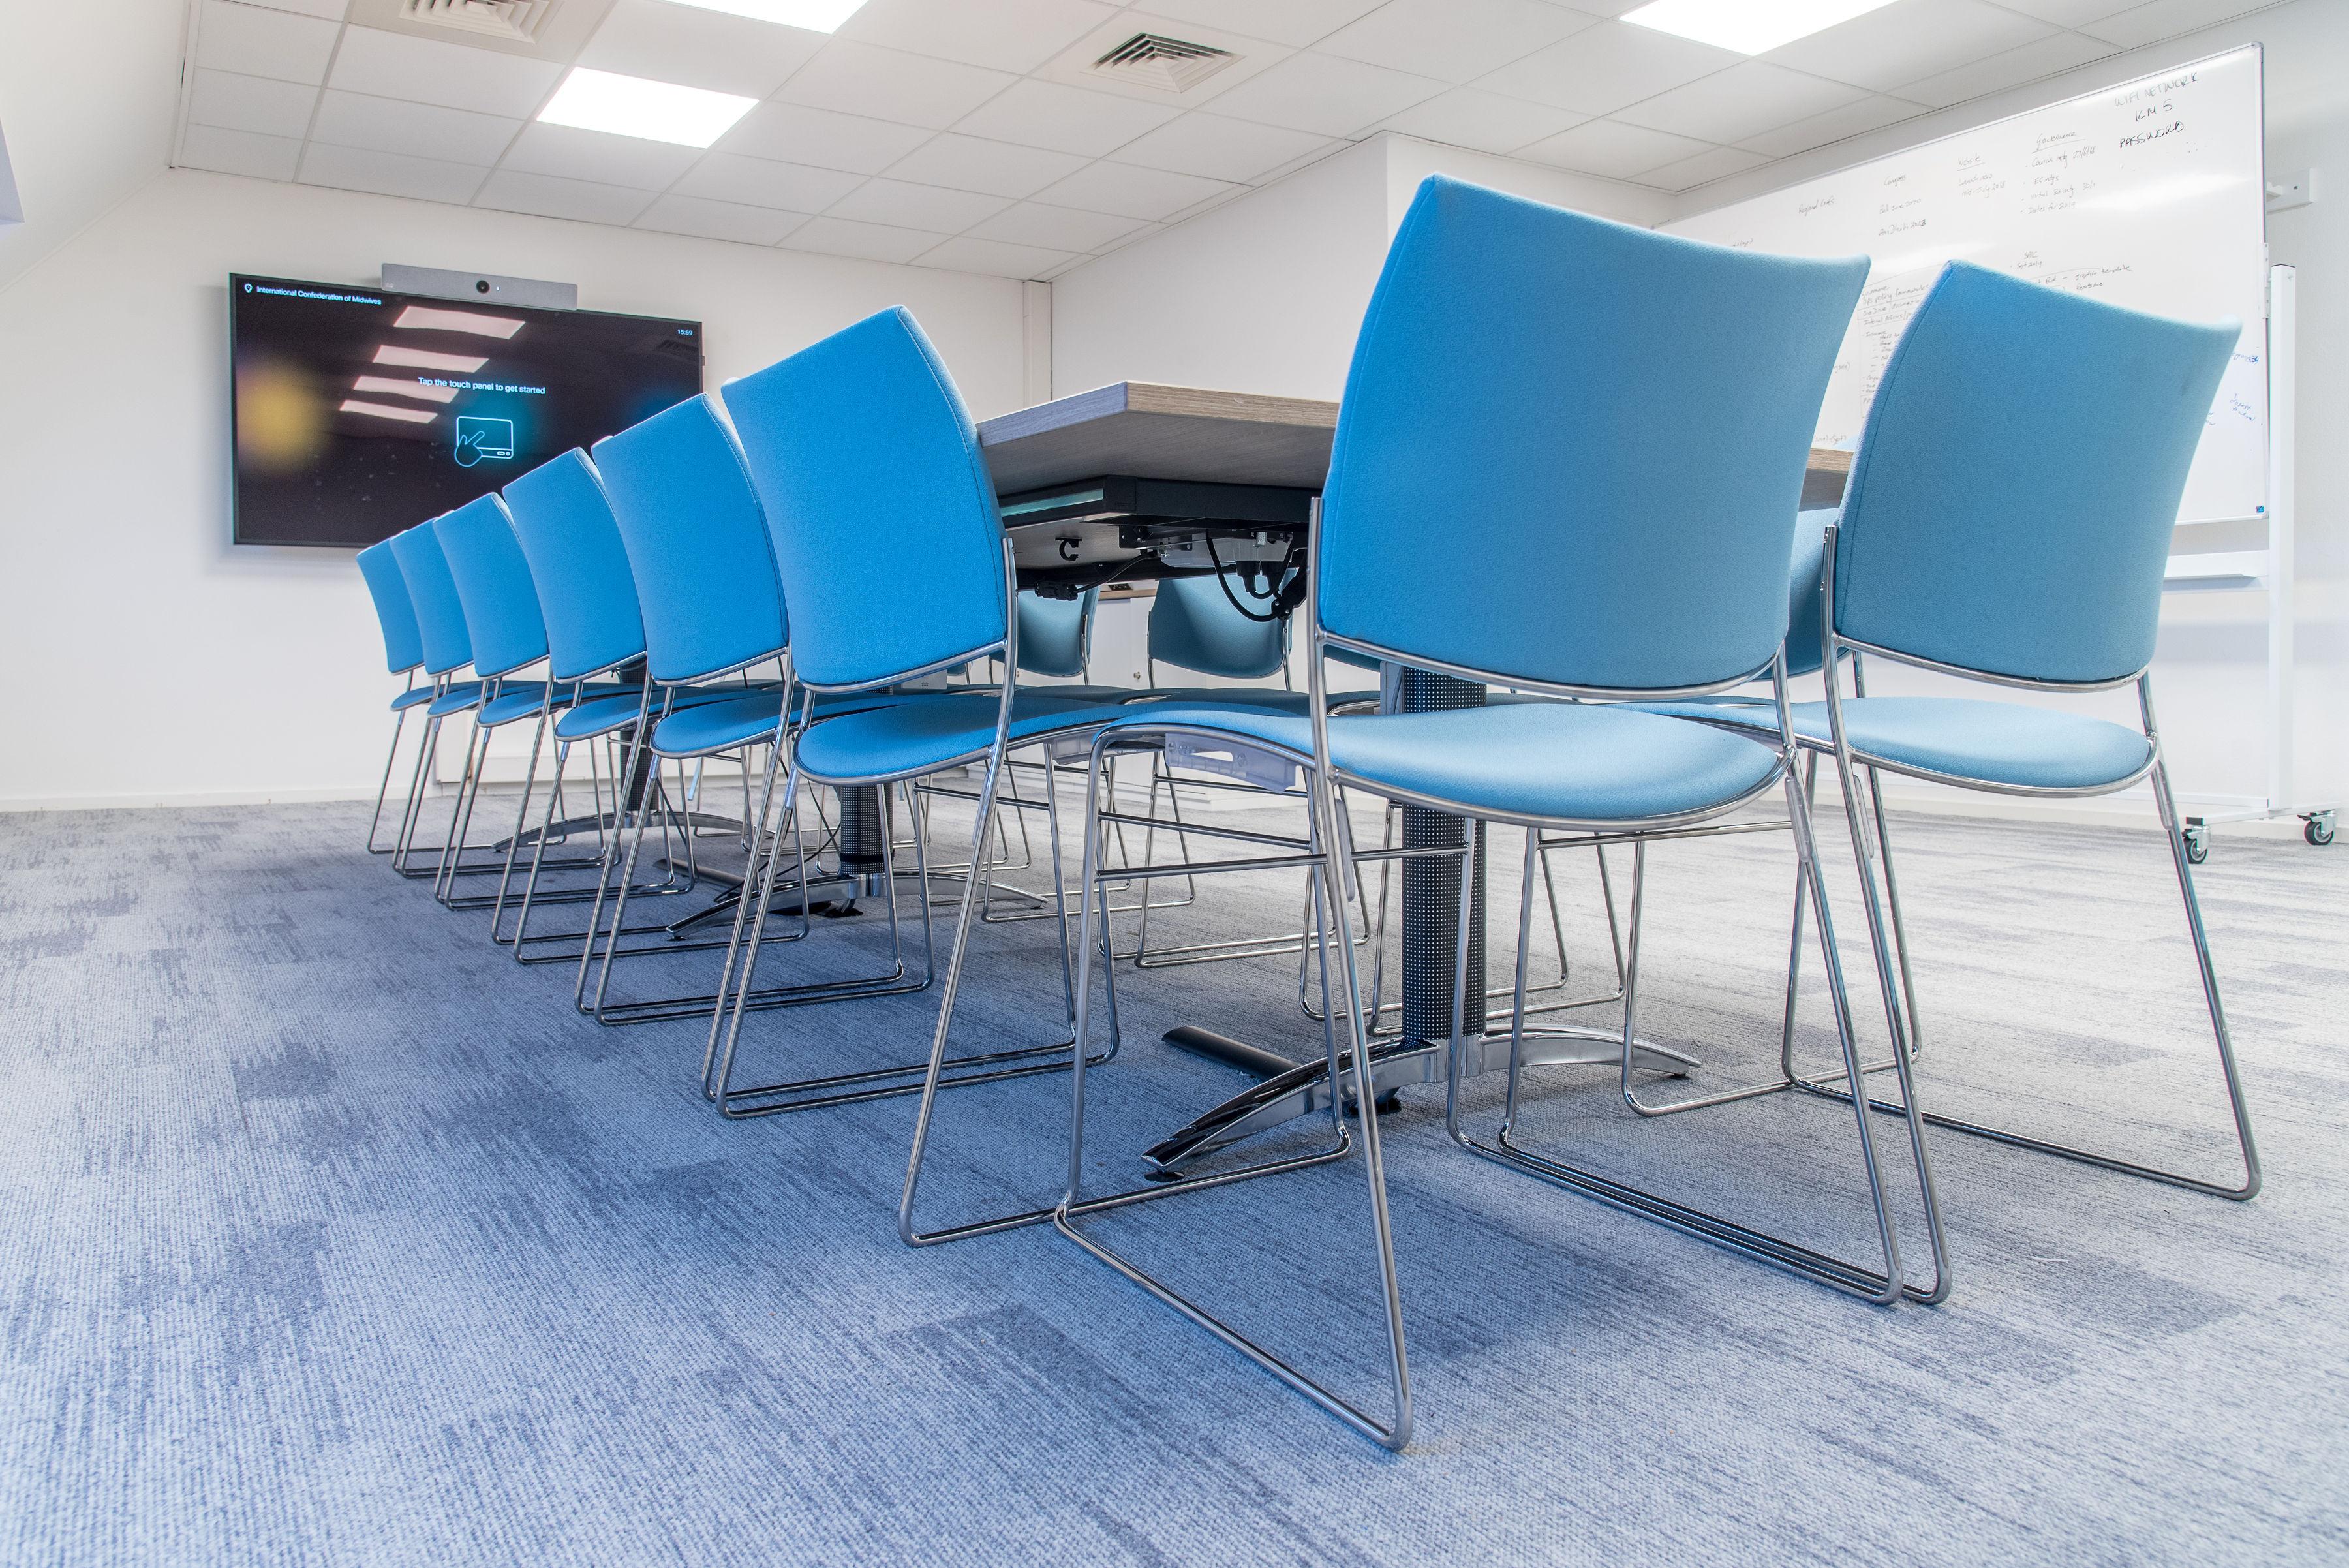 Fotografie projectinrichting tafel met blauwe stoelen